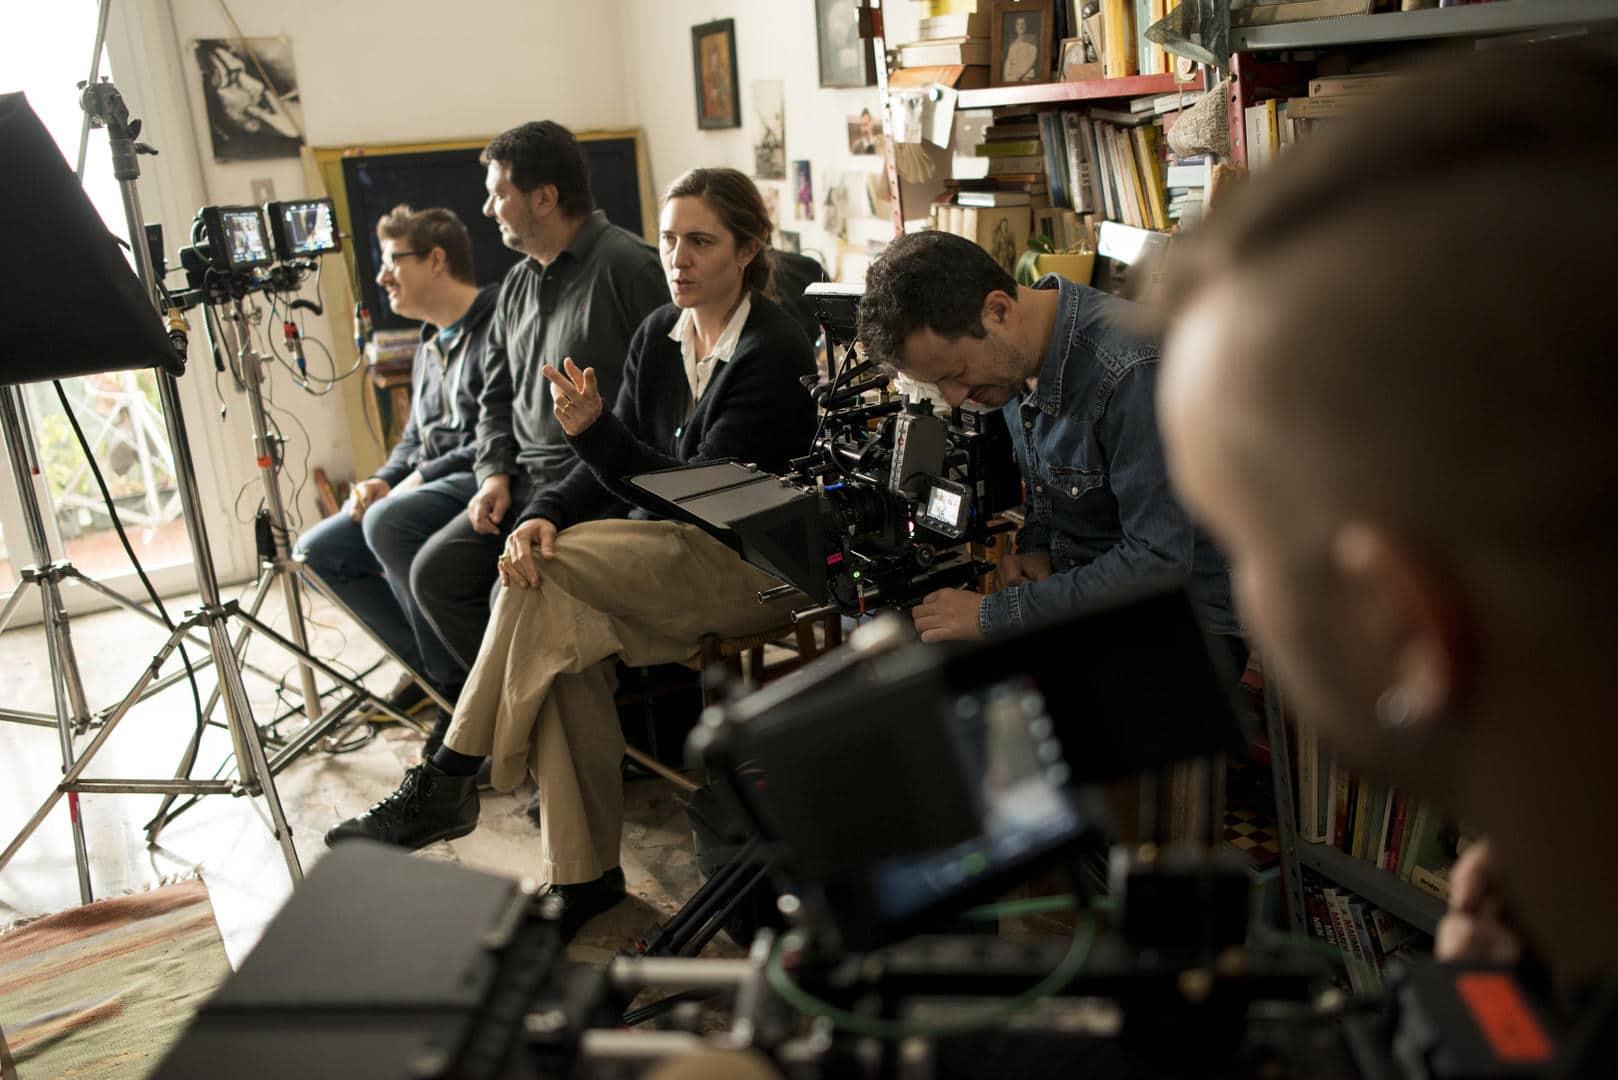 La regista Cosima Spender sul set